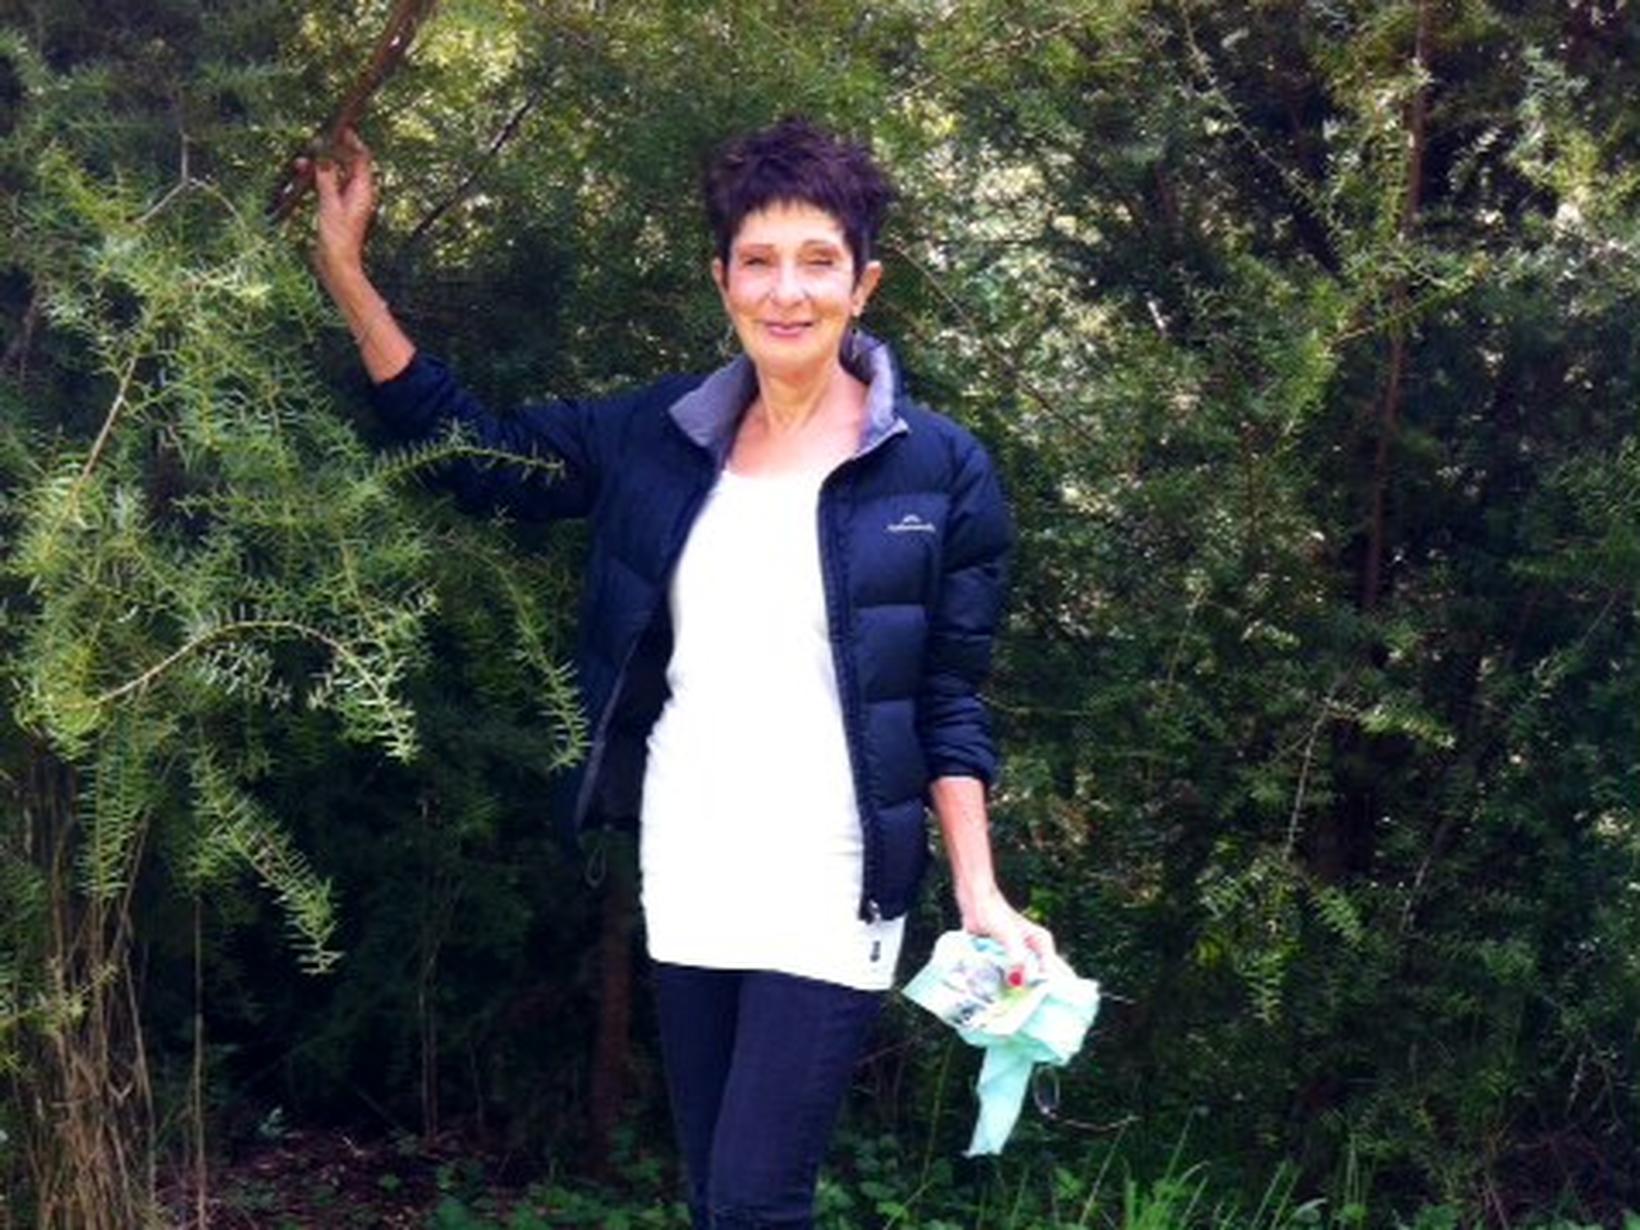 Margaret from Tauranga, New Zealand